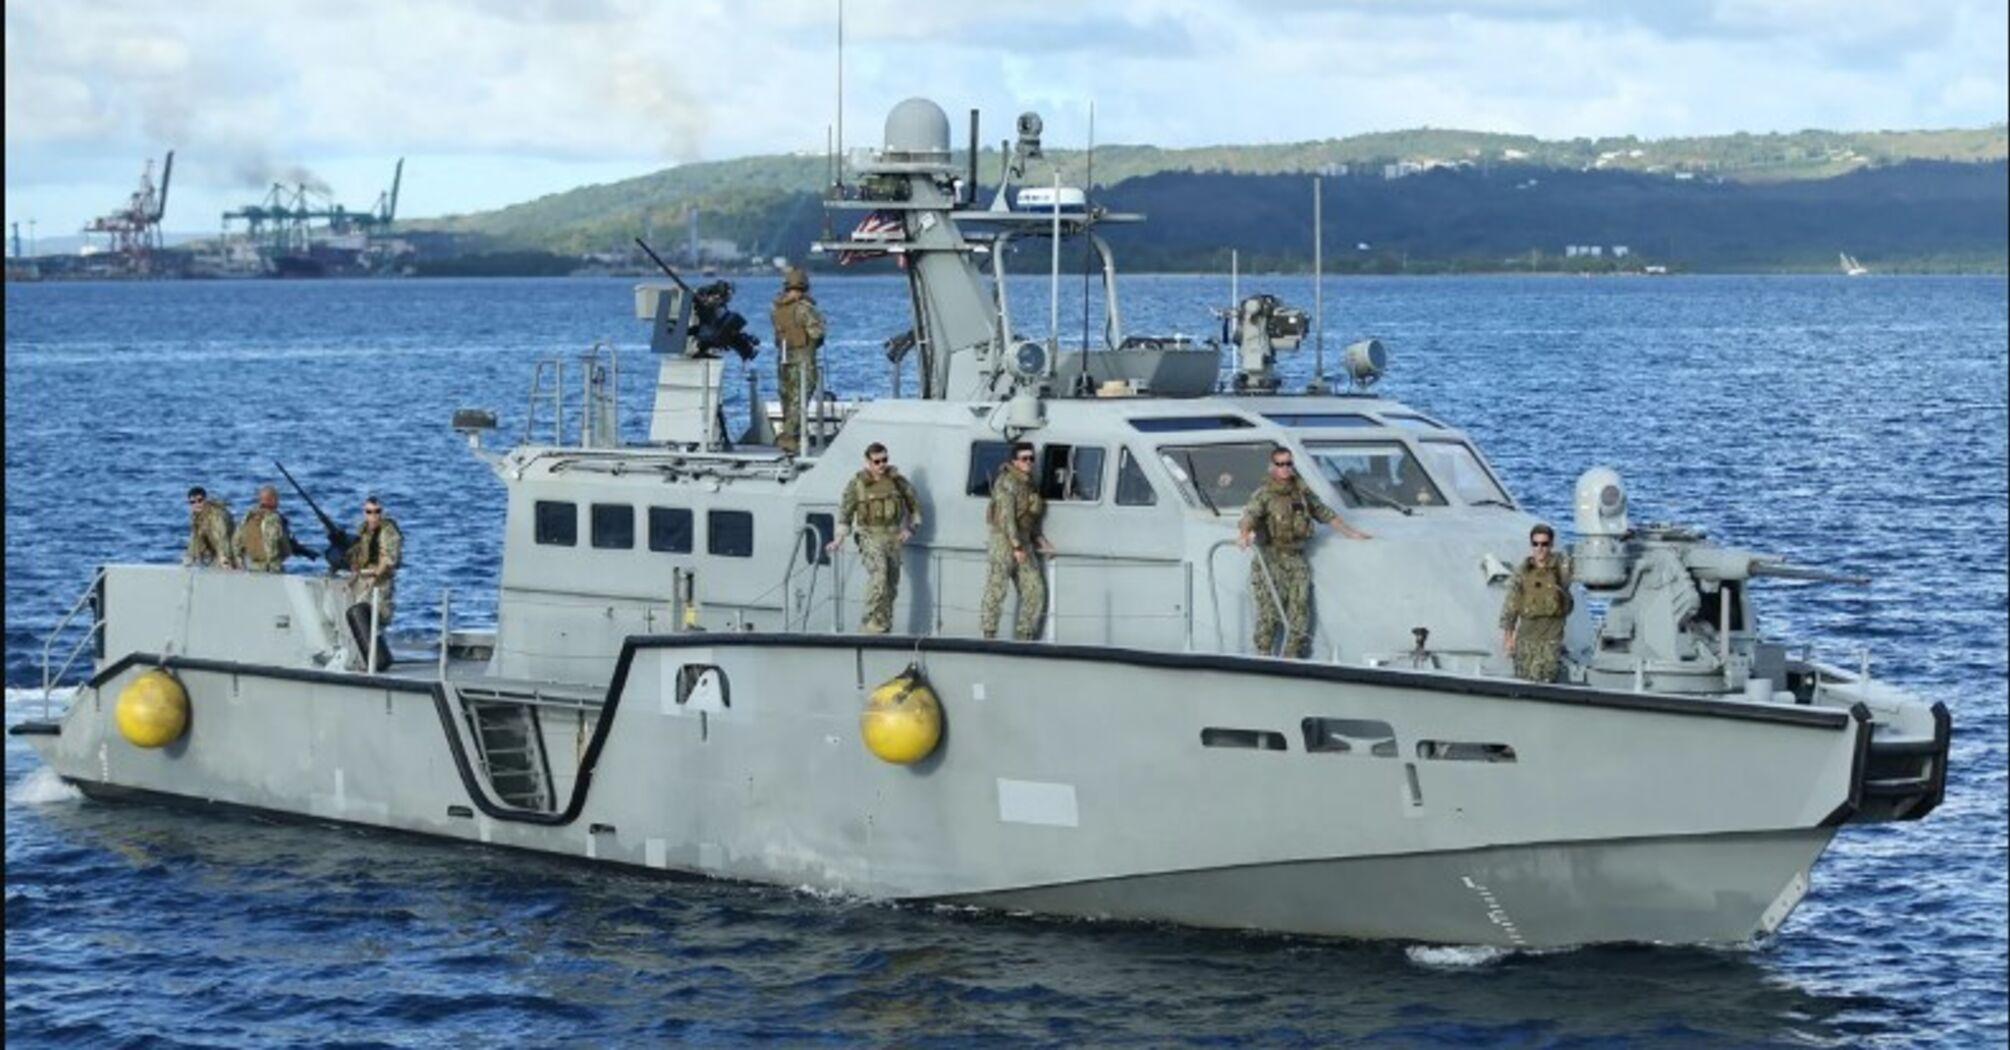 Україна першою отримає американські катери Mark VI